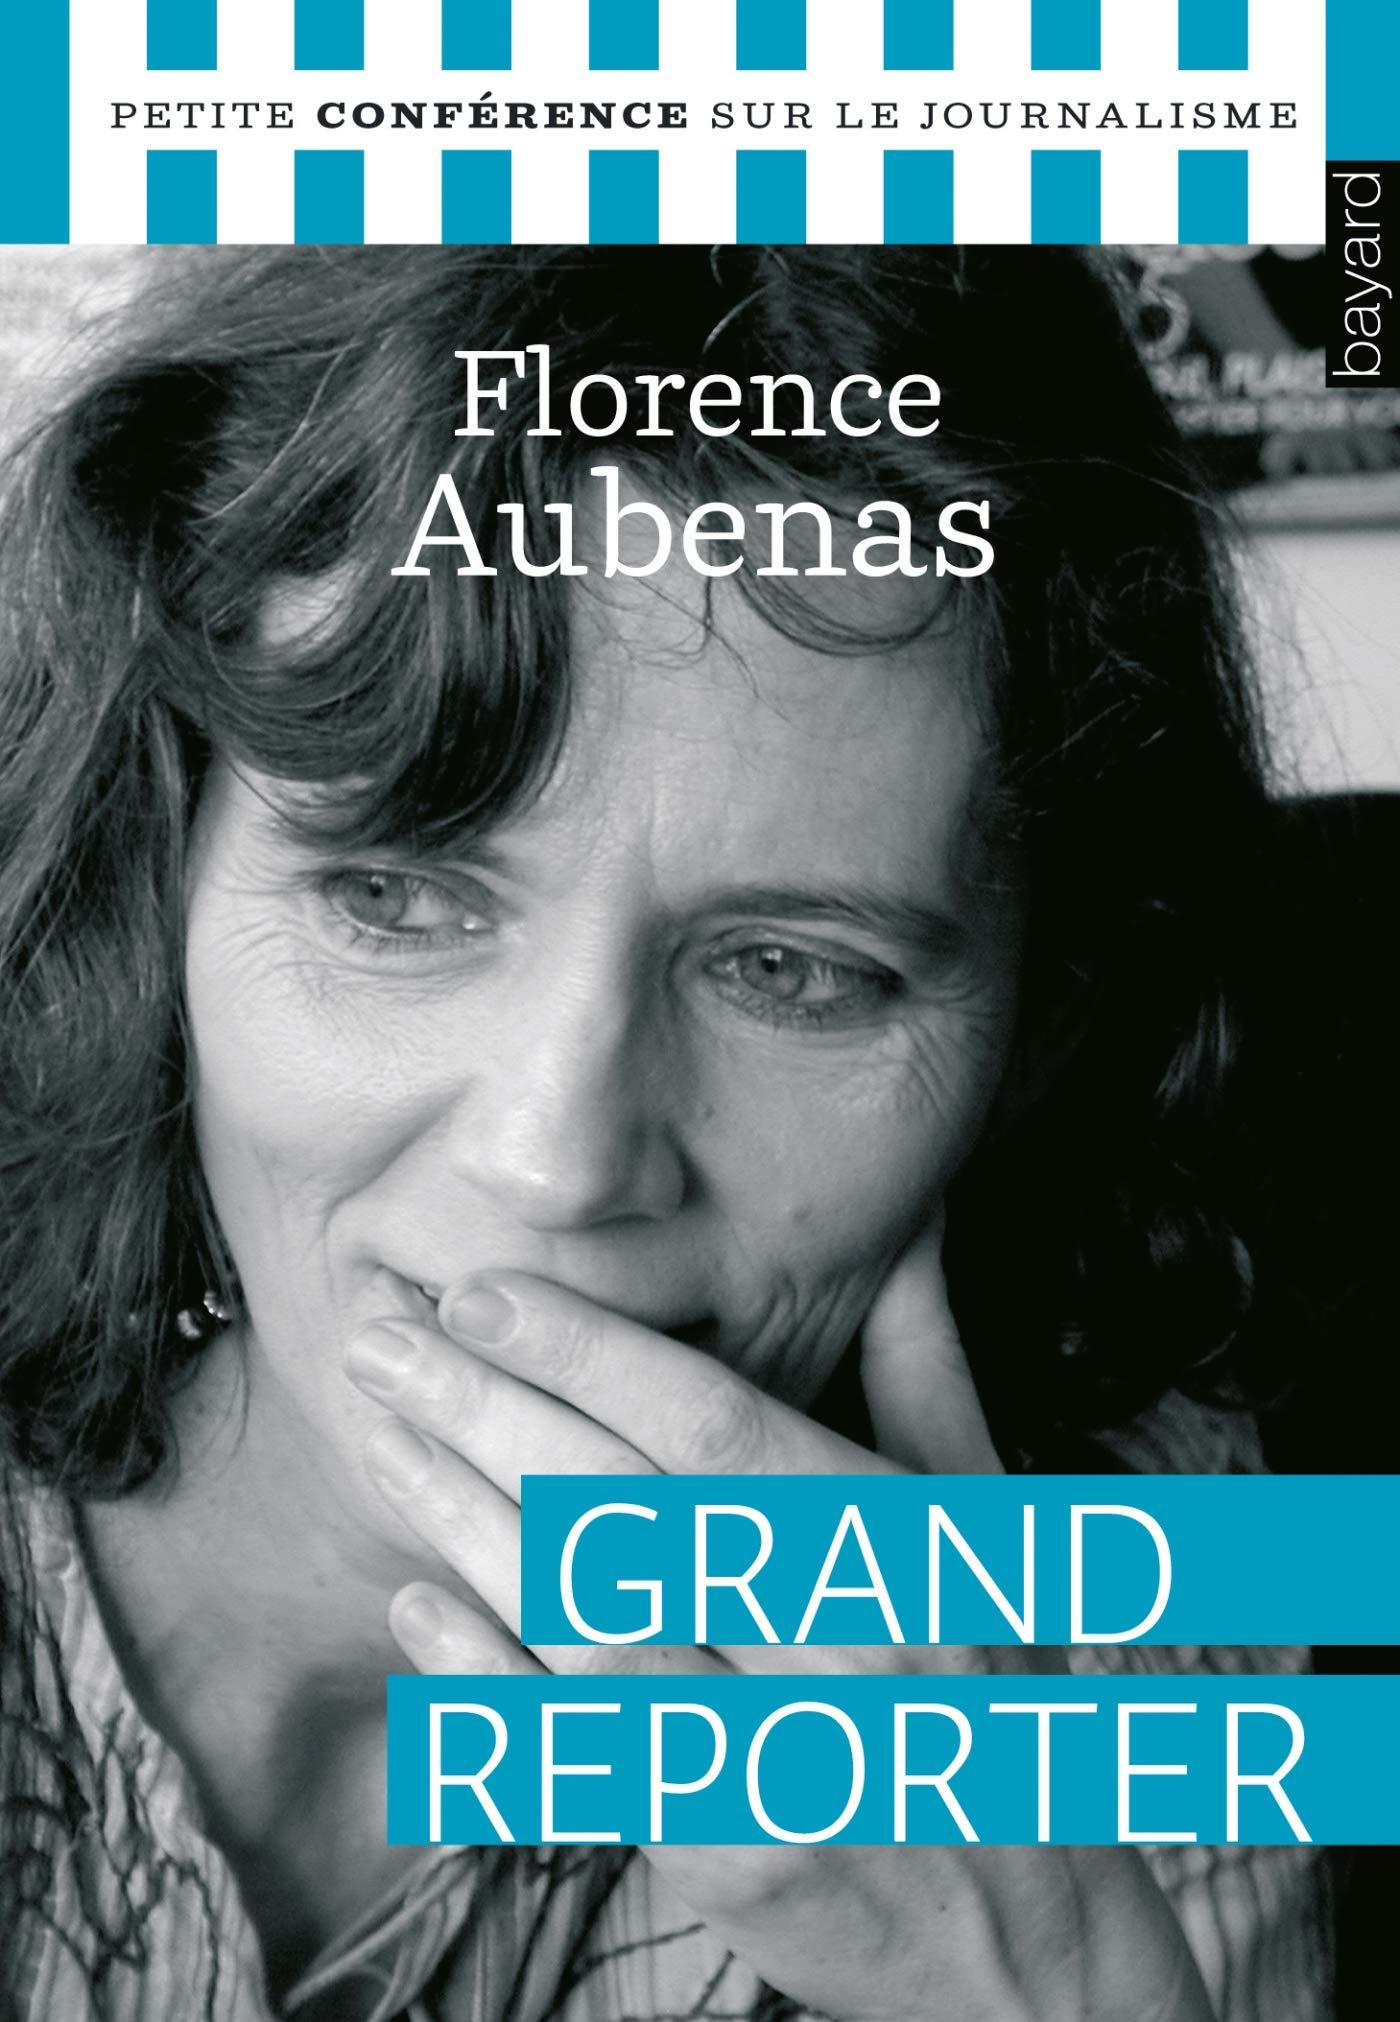 Ziariştii români - captivi în Irak împreună cu Florence Aubenas